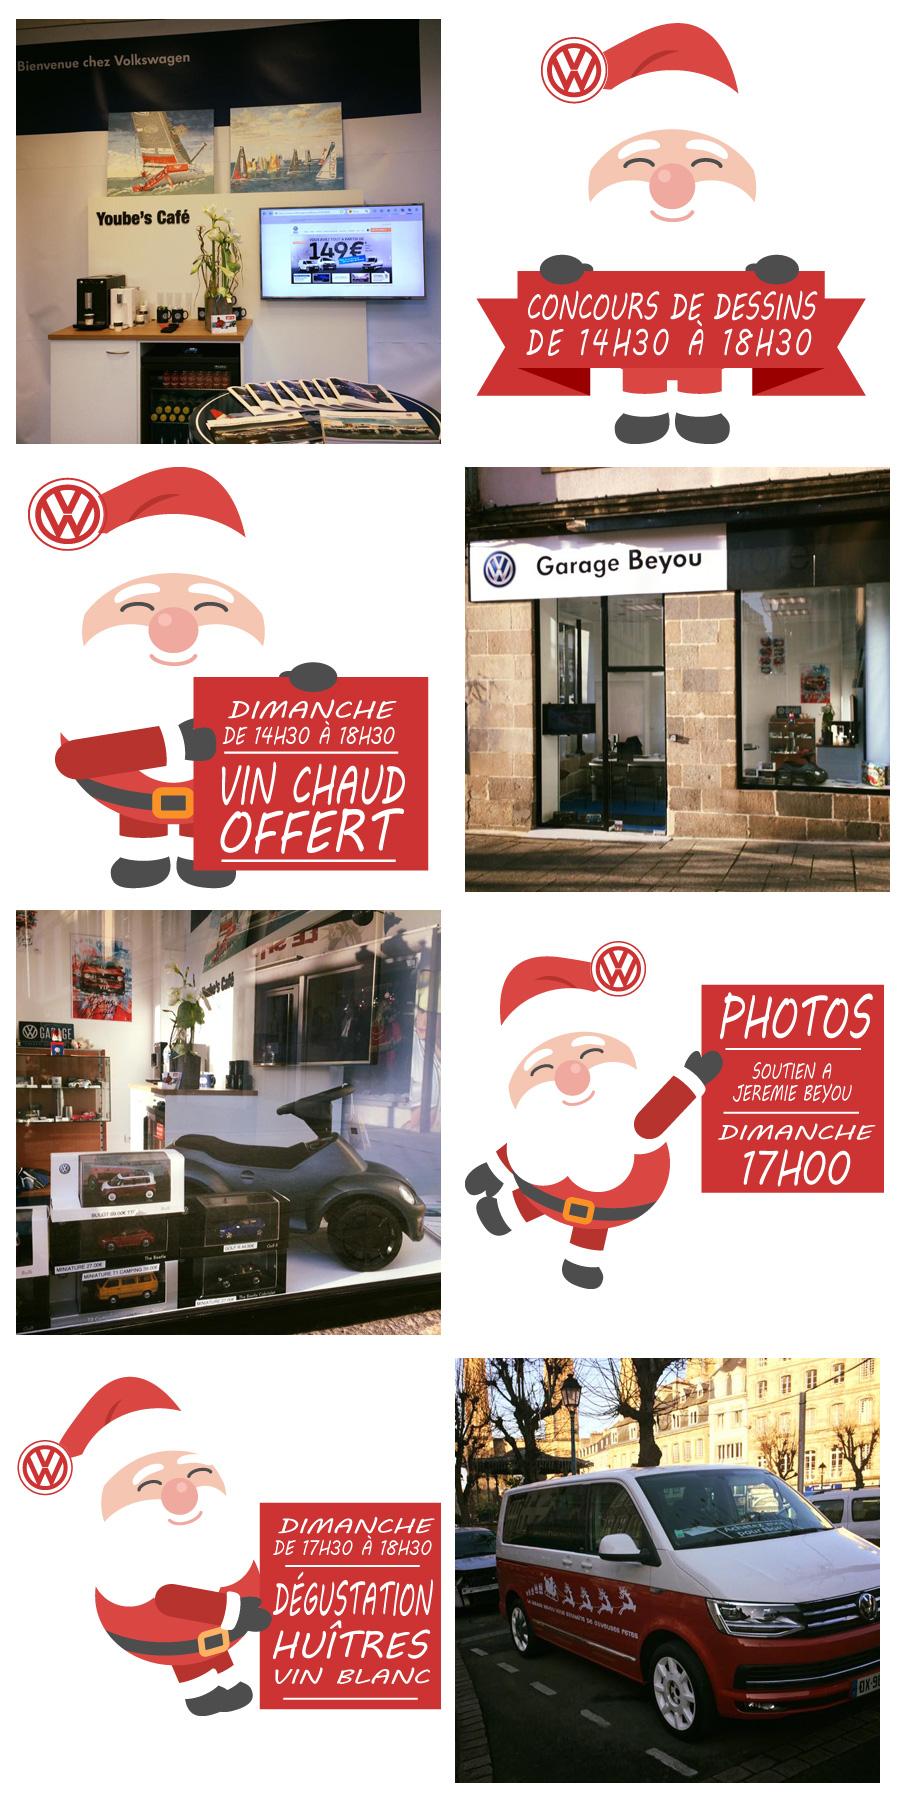 dimanche anim au volkswagen shop dans le centre ville. Black Bedroom Furniture Sets. Home Design Ideas